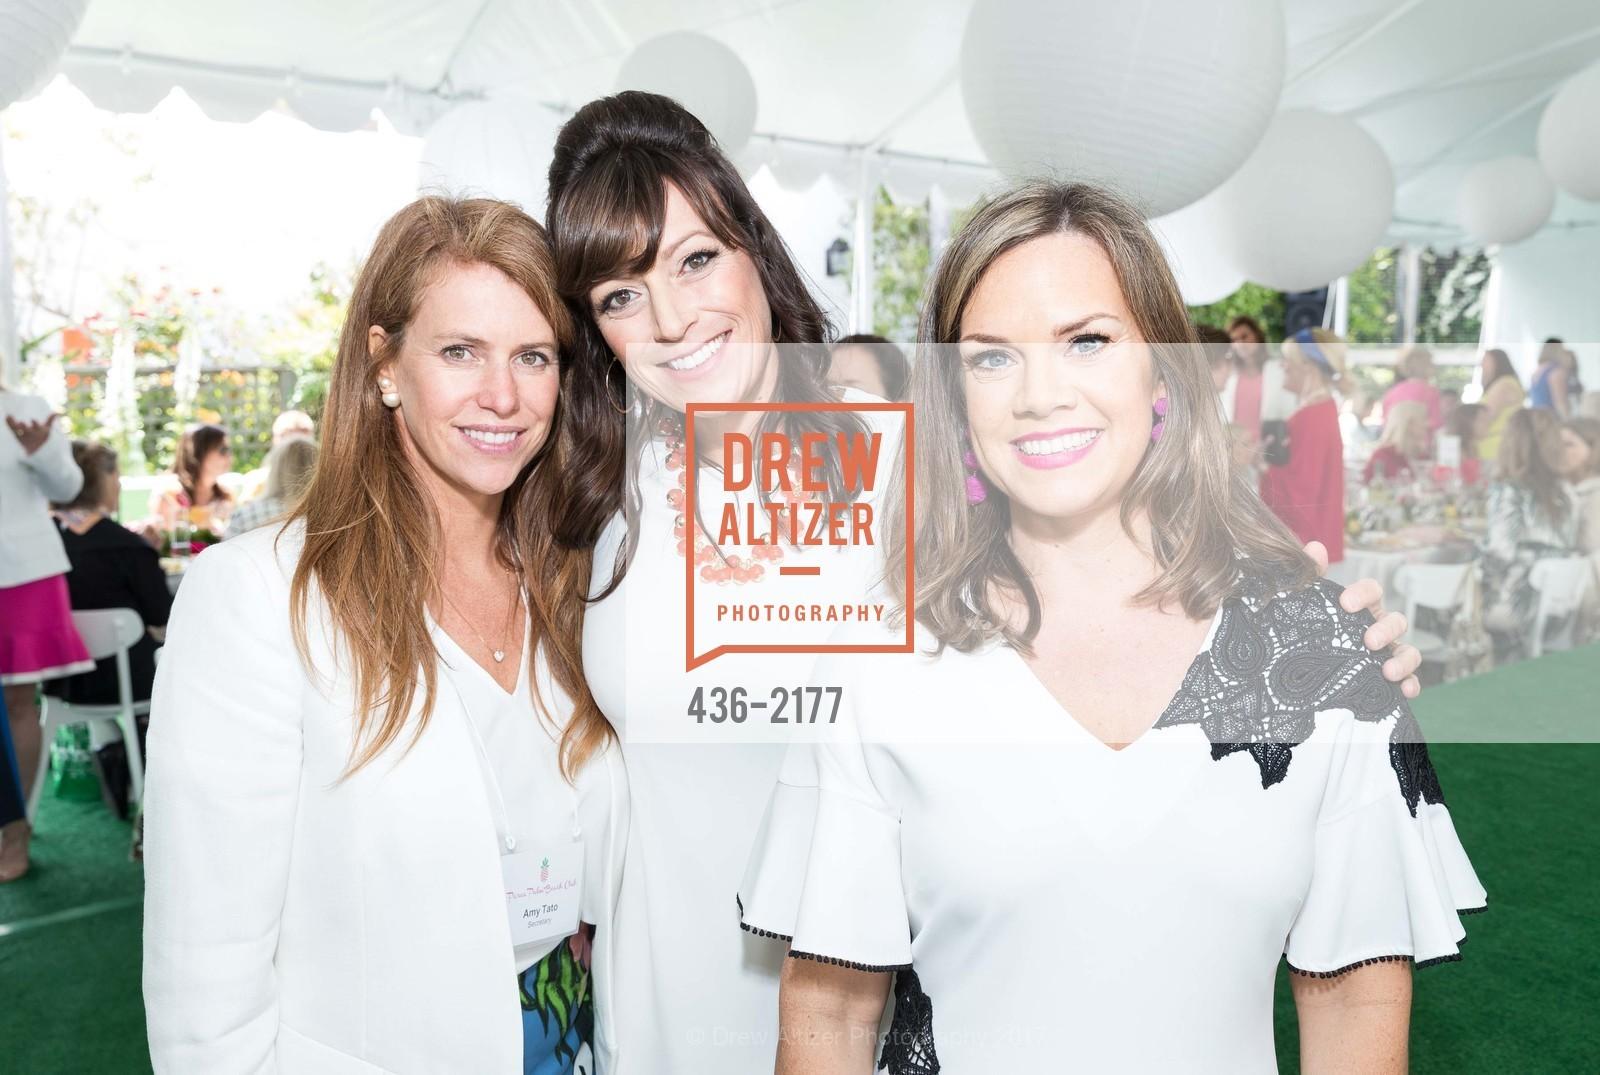 Amy Tato, Meghan Crowell, Renee Fischer, Photo #436-2177